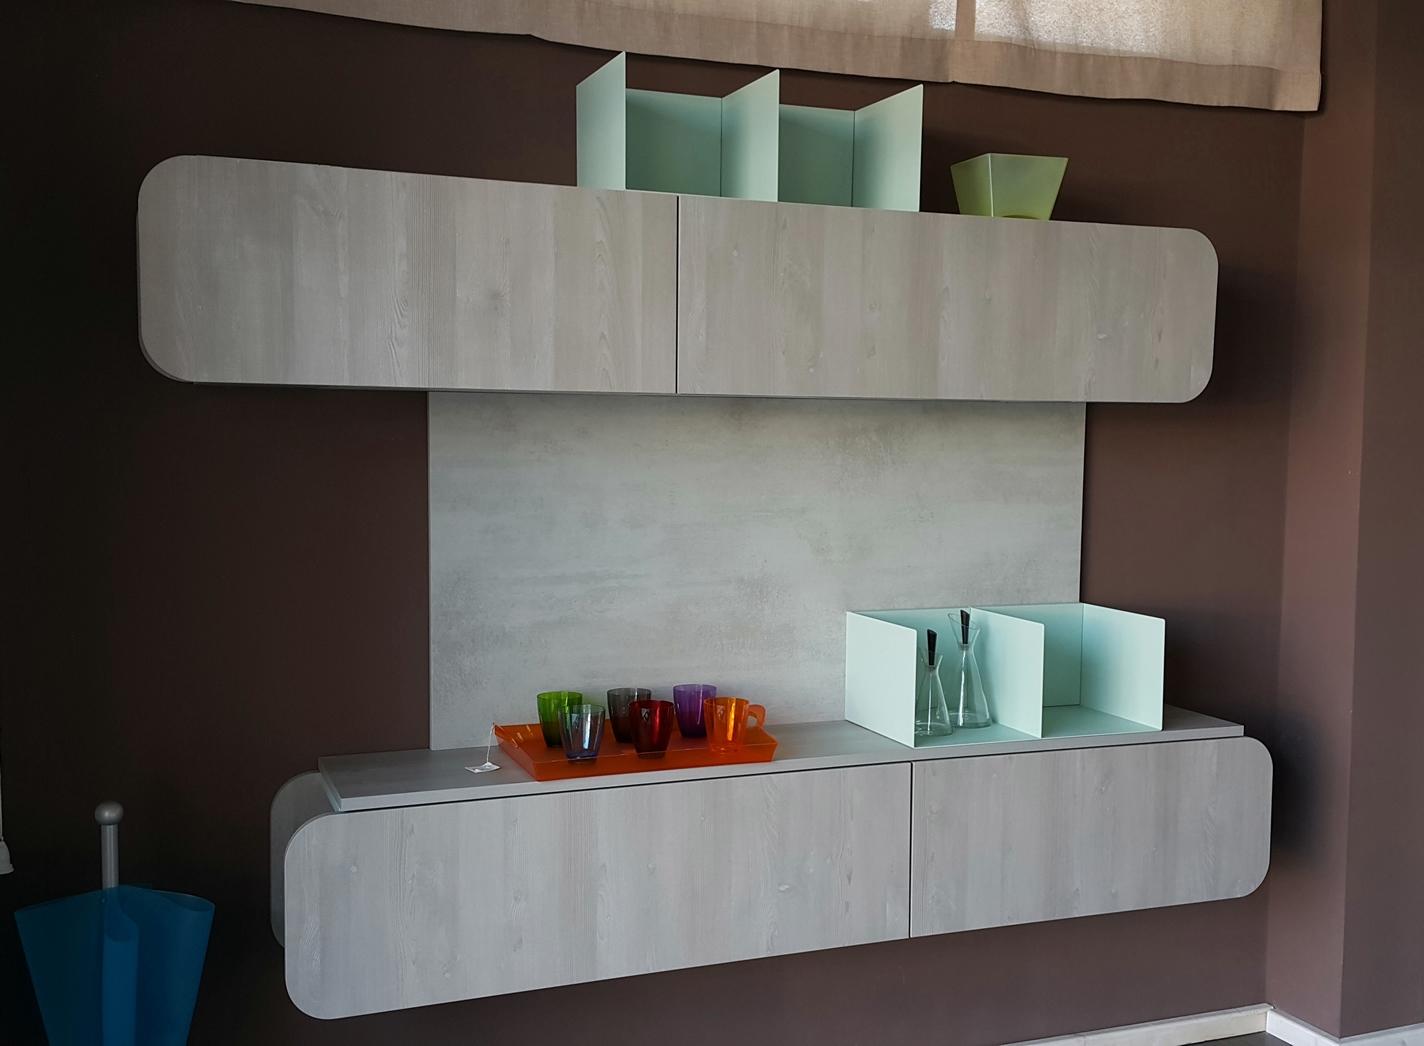 Cucina lube modello immagina neck cucine a prezzi scontati - Cucina lube opinioni ...